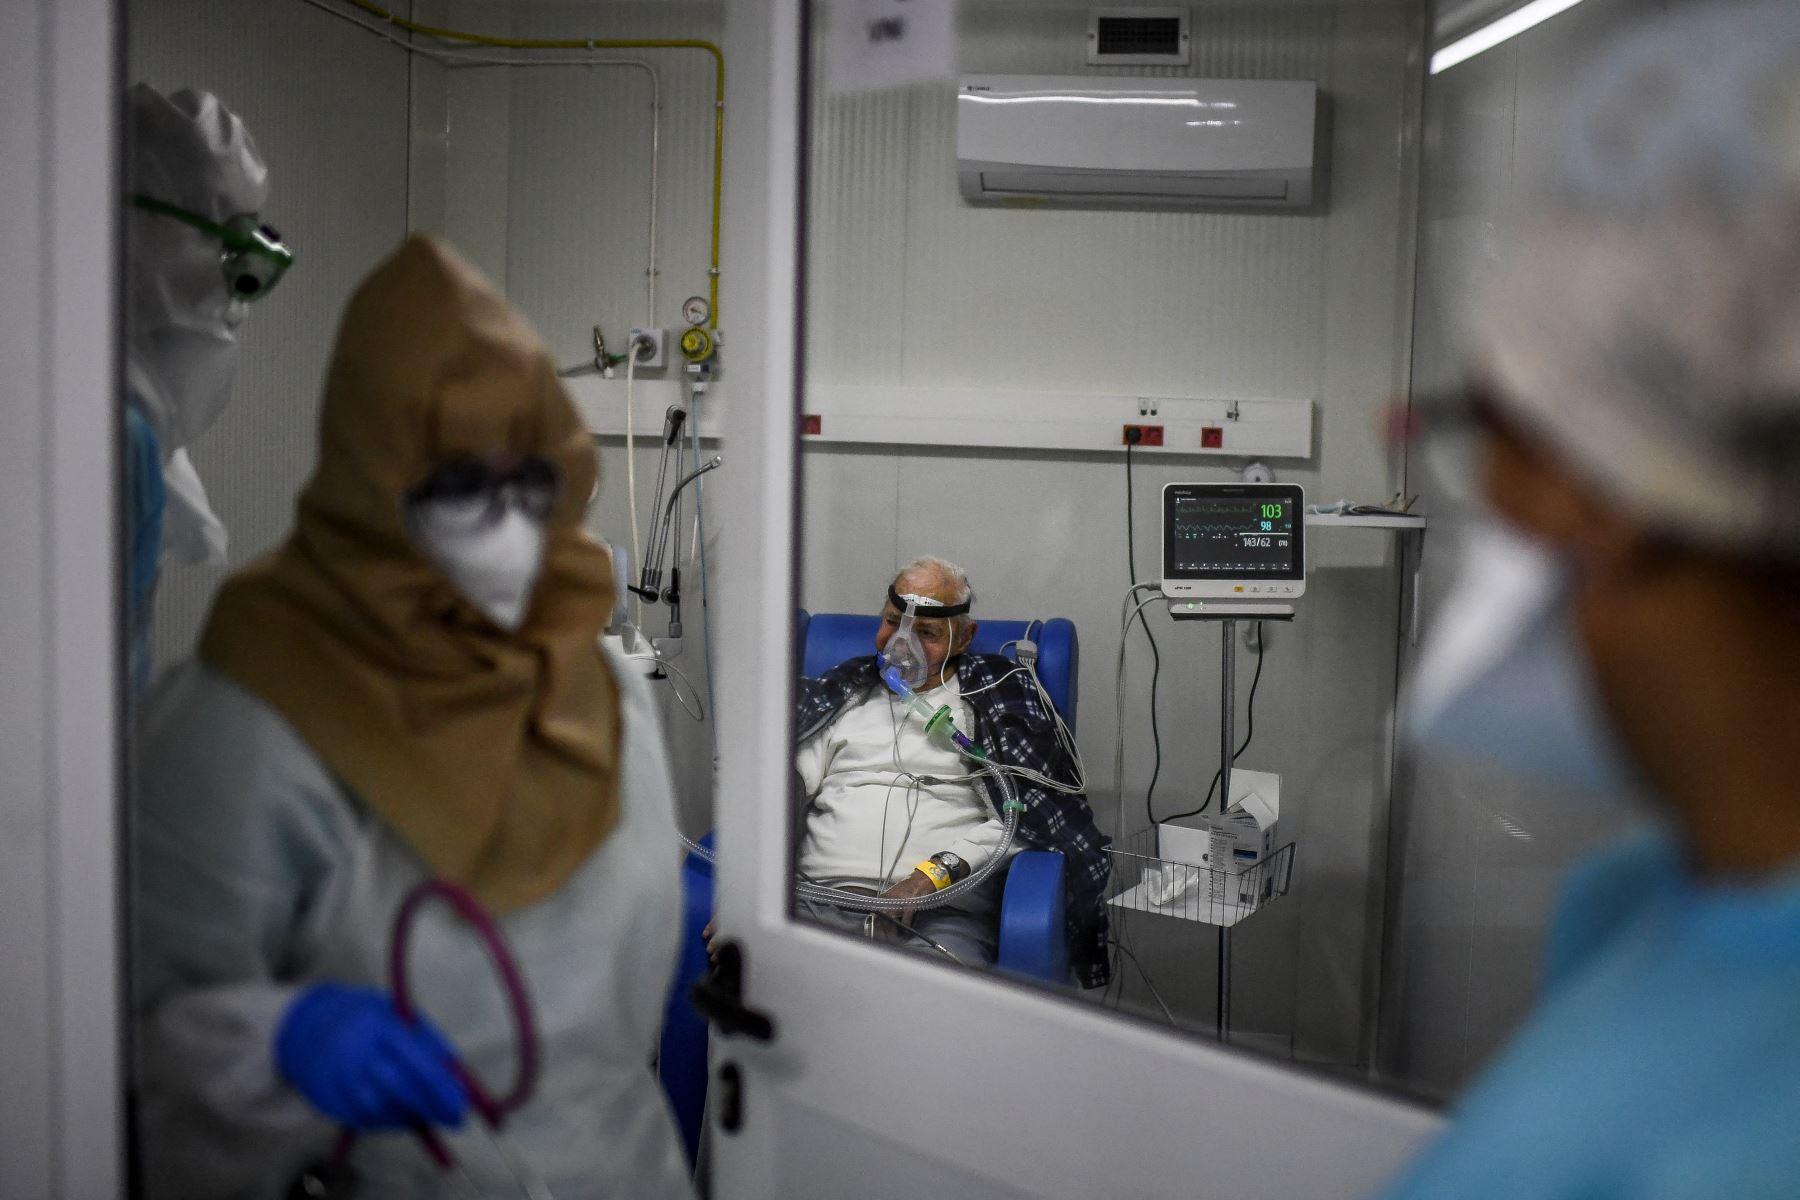 Médicos atienden a un paciente en la sala de emergencias Covid-19 del hospital Santa Maria en Lisboa. Portugal ha sufrido un número récord de muertes y hospitalizaciones por coronavirus en las últimas 24 horas, lo que hace inevitable un nuevo bloqueo, el país dijo el primer ministro. Foto: AFP